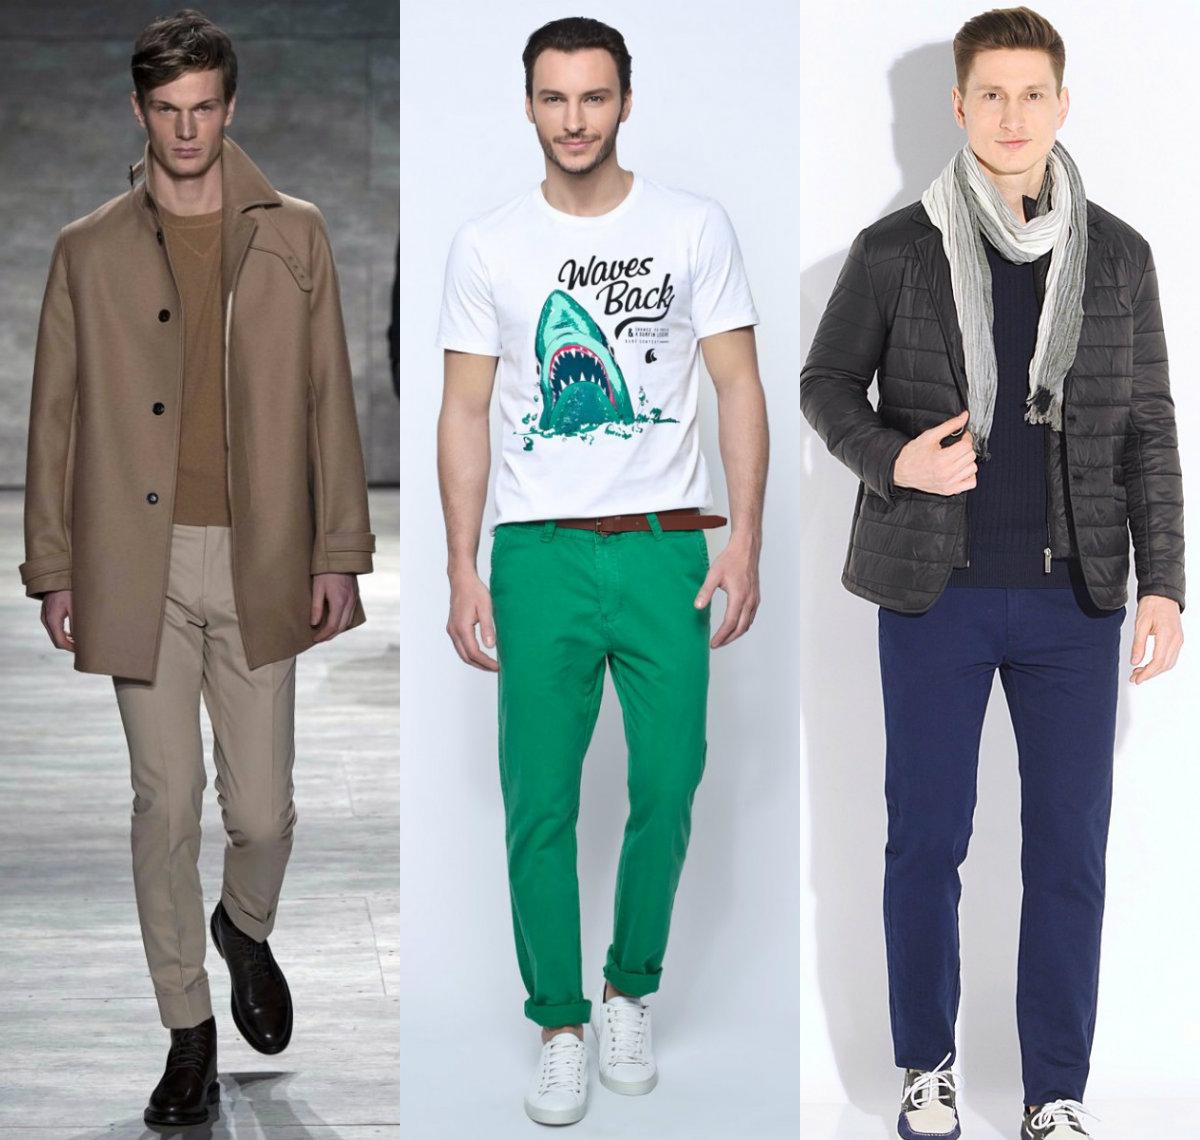 Мужская мода 2019 : модели для молодых